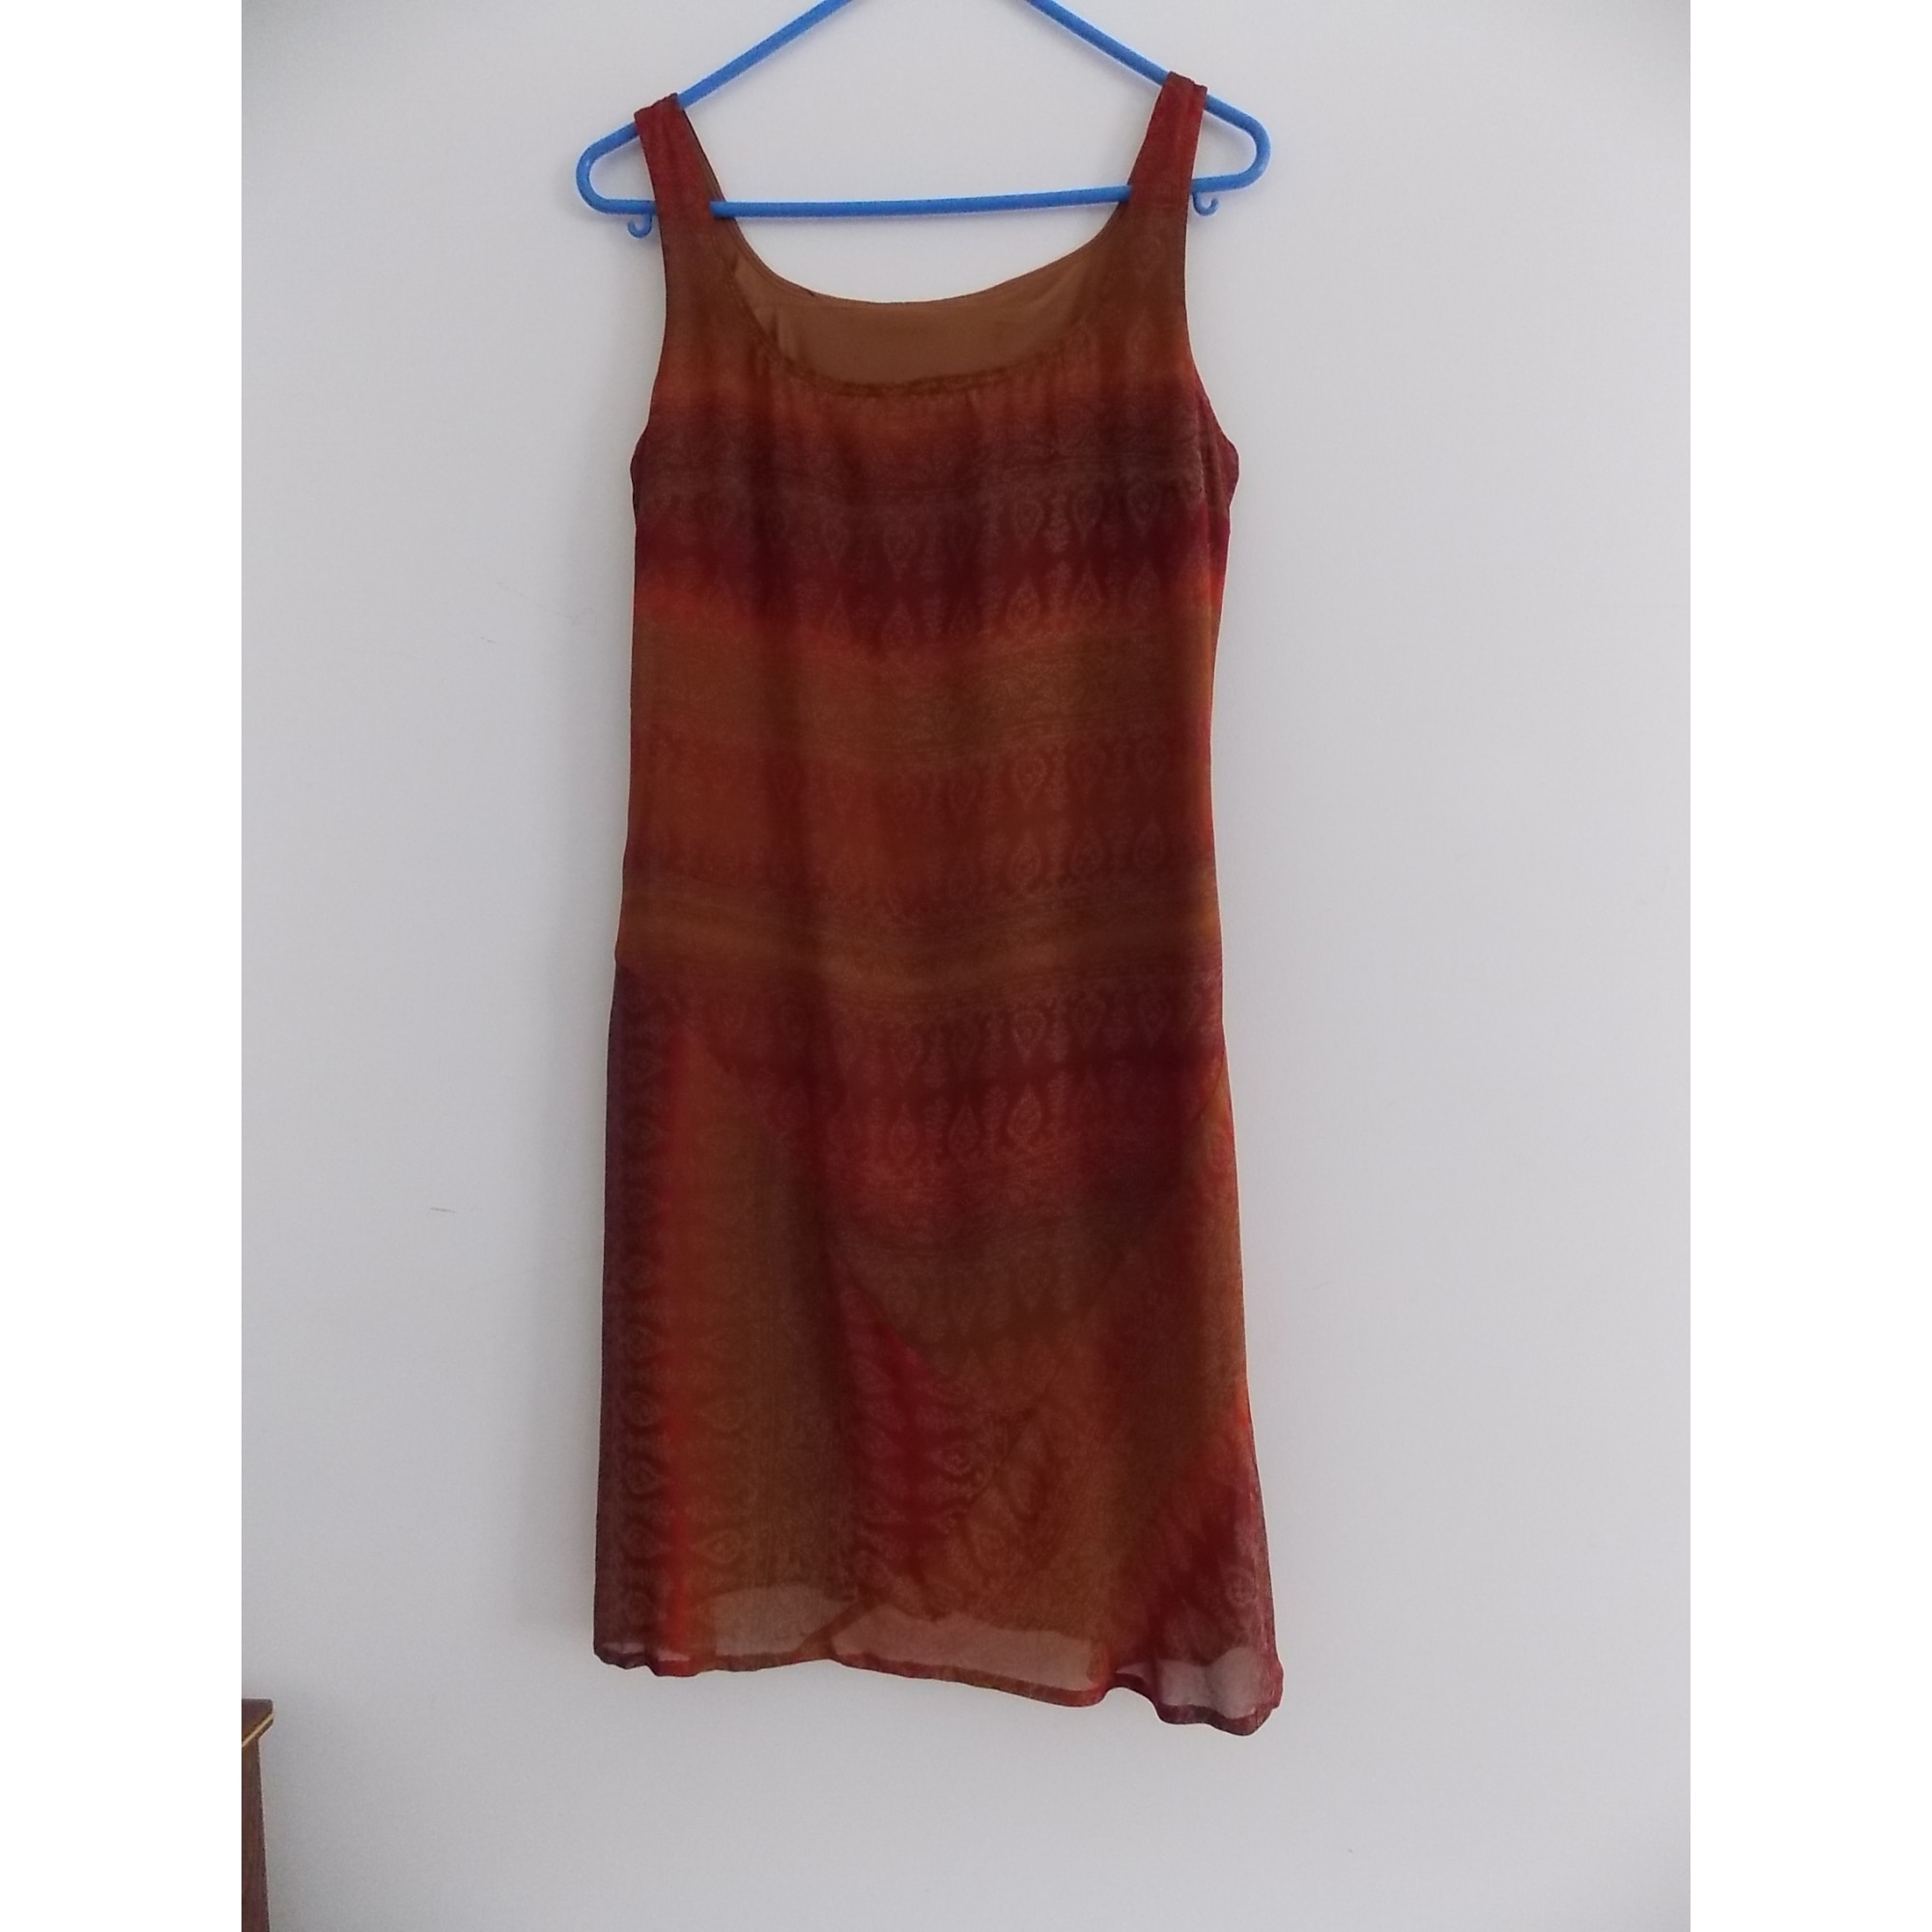 Tailleur robe 1.2.3 Doré, bronze, cuivre